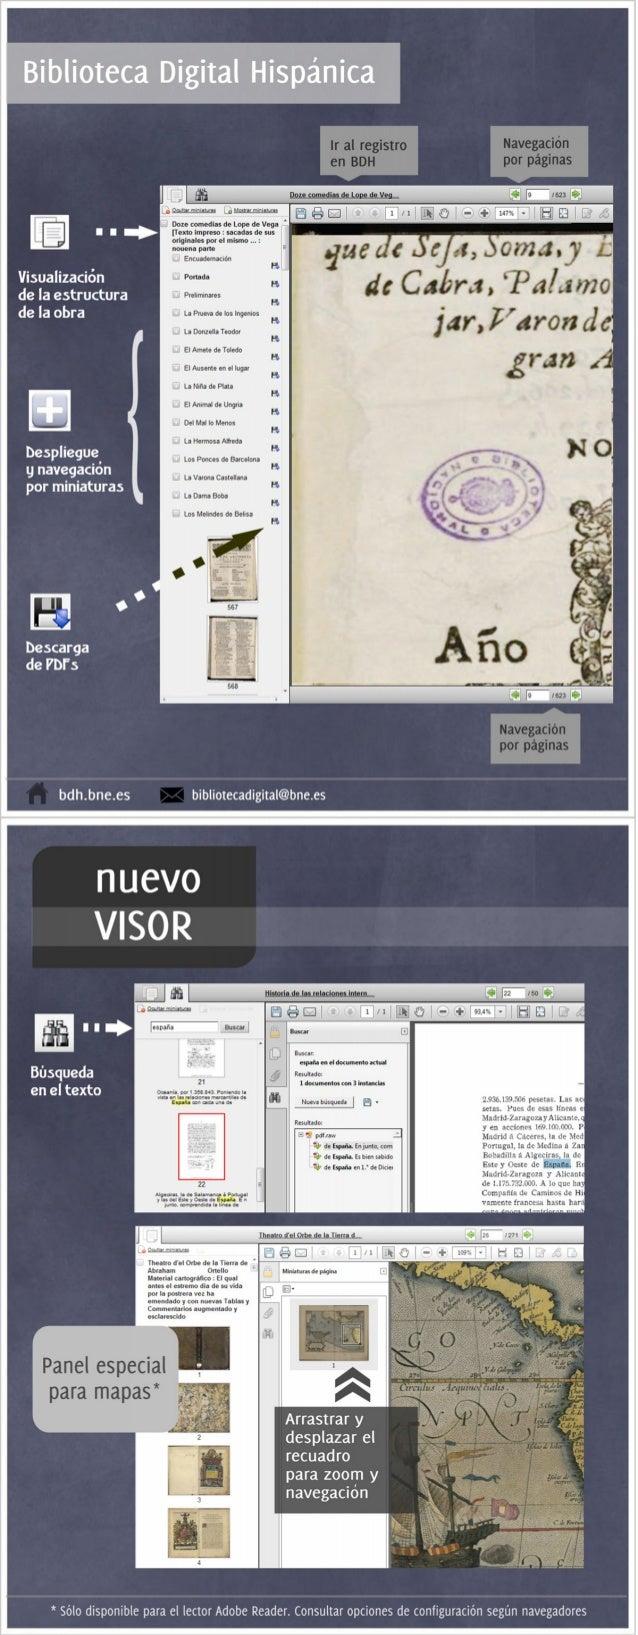 Infografía del visor de Biblioteca Digital Hispánica